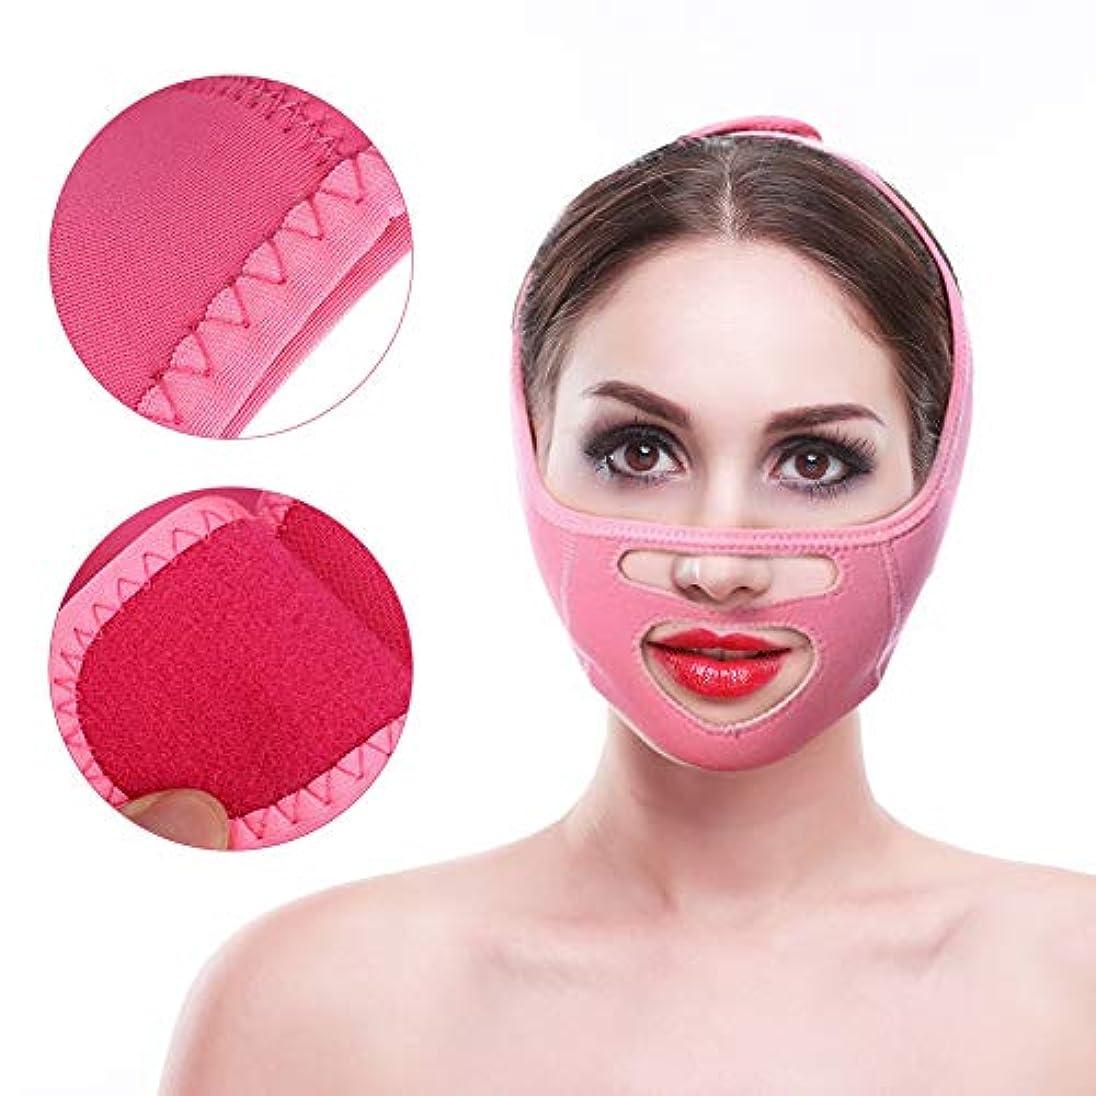 トロピカル乱闘ヒップ顔の持ち上がる整形ベルト、効果的に顔の形を改善し、顔と首の二重あごに肌を引き締め包帯を減らす